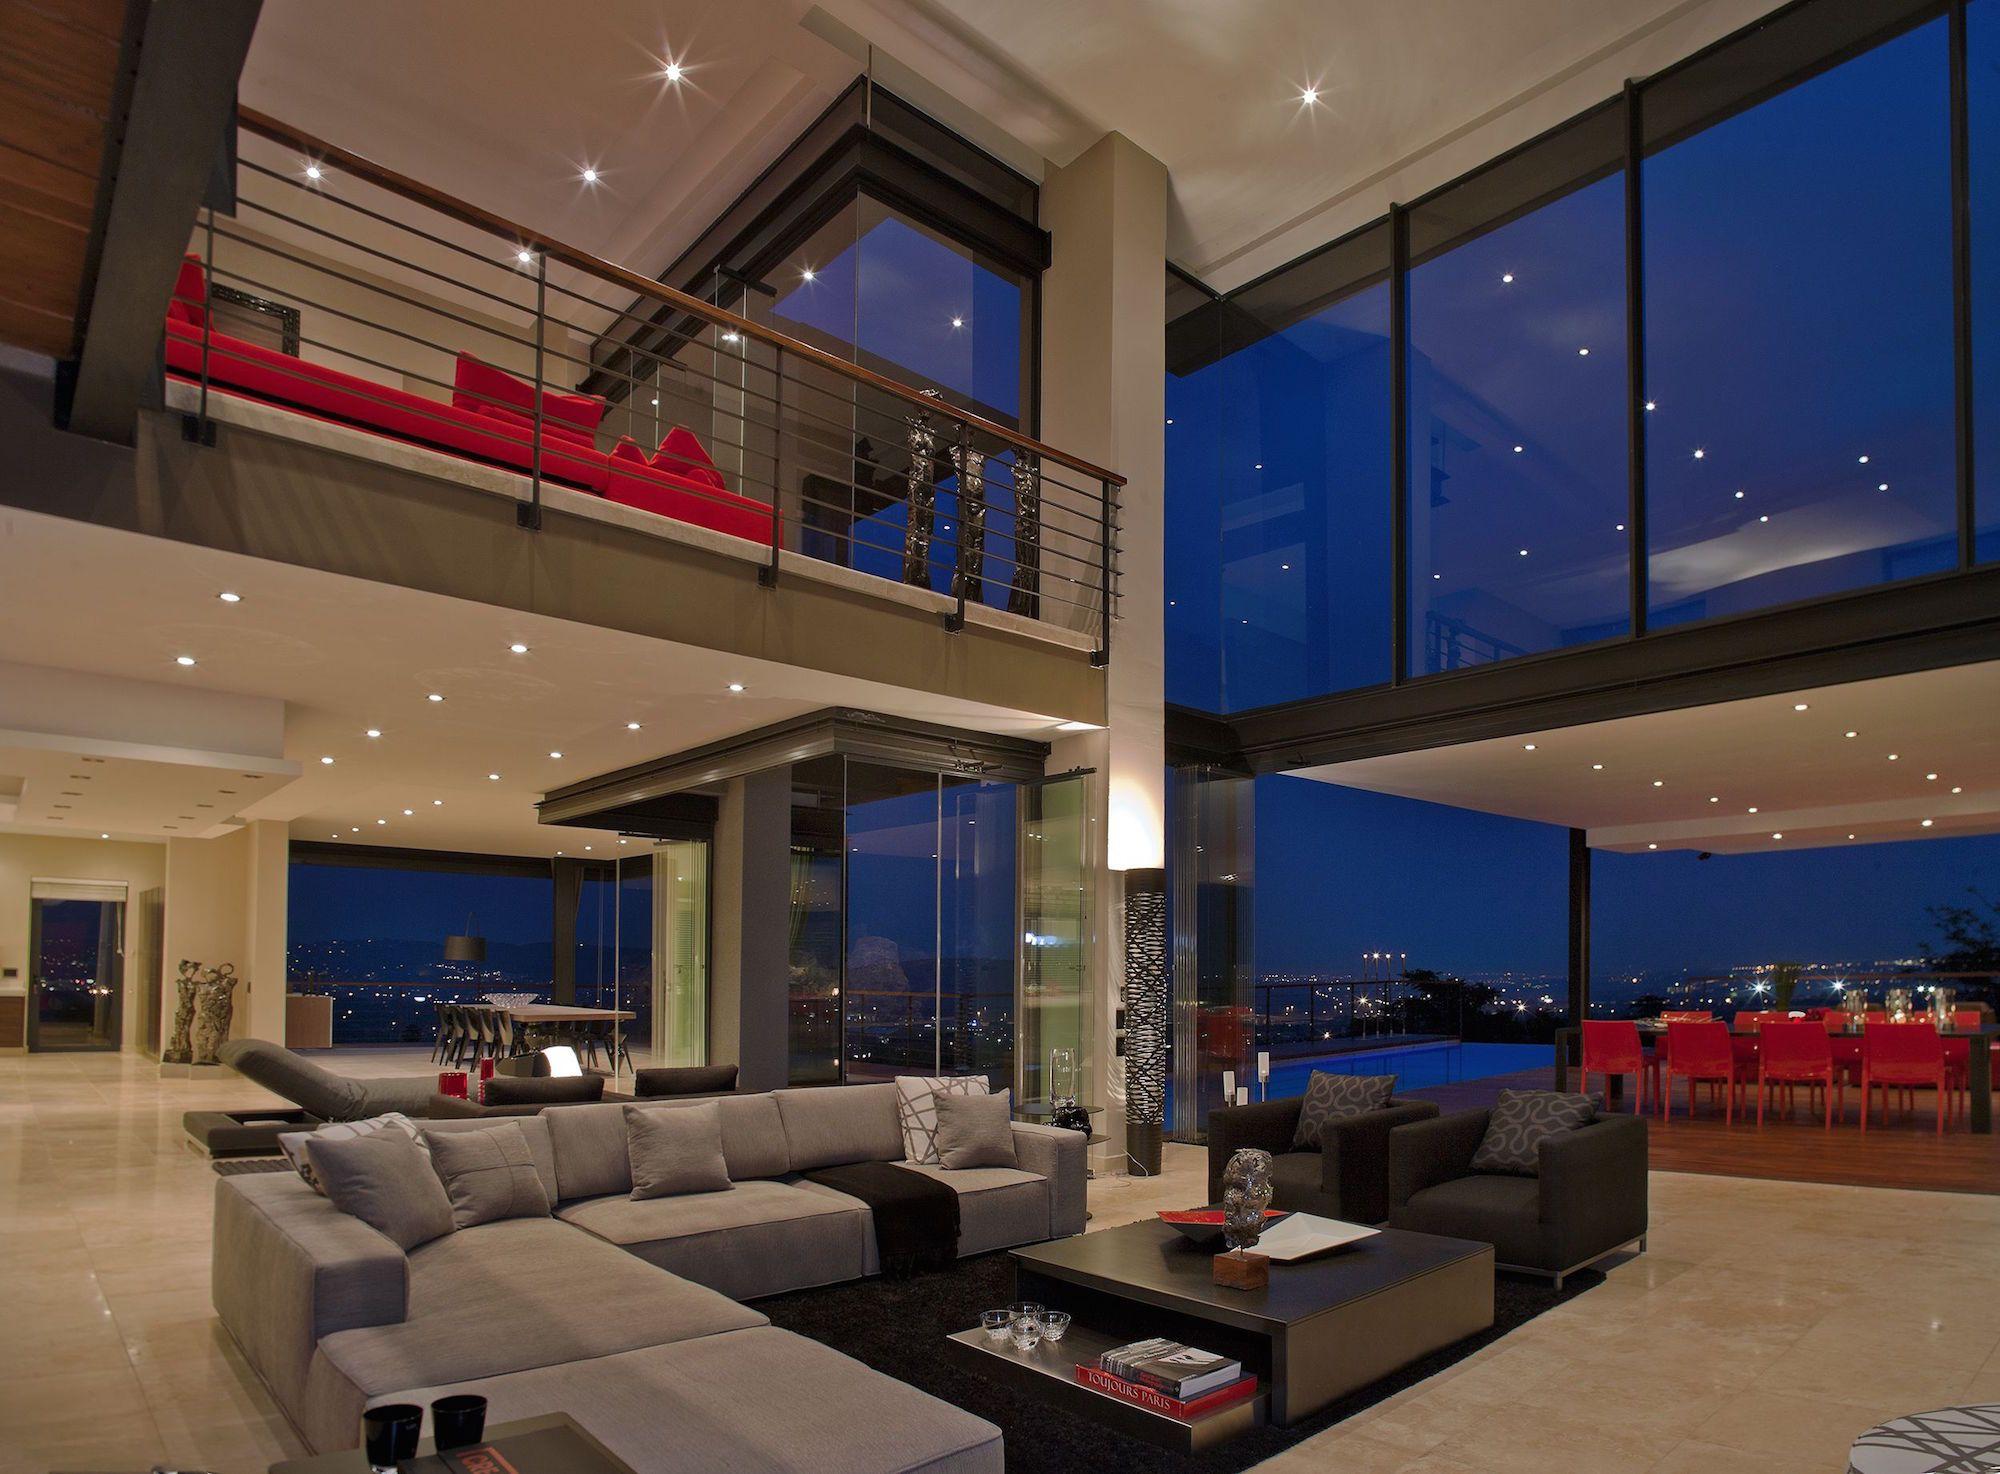 2nico Vd Meulen House Limbarda Interior Nite Pan Looking Outwards1